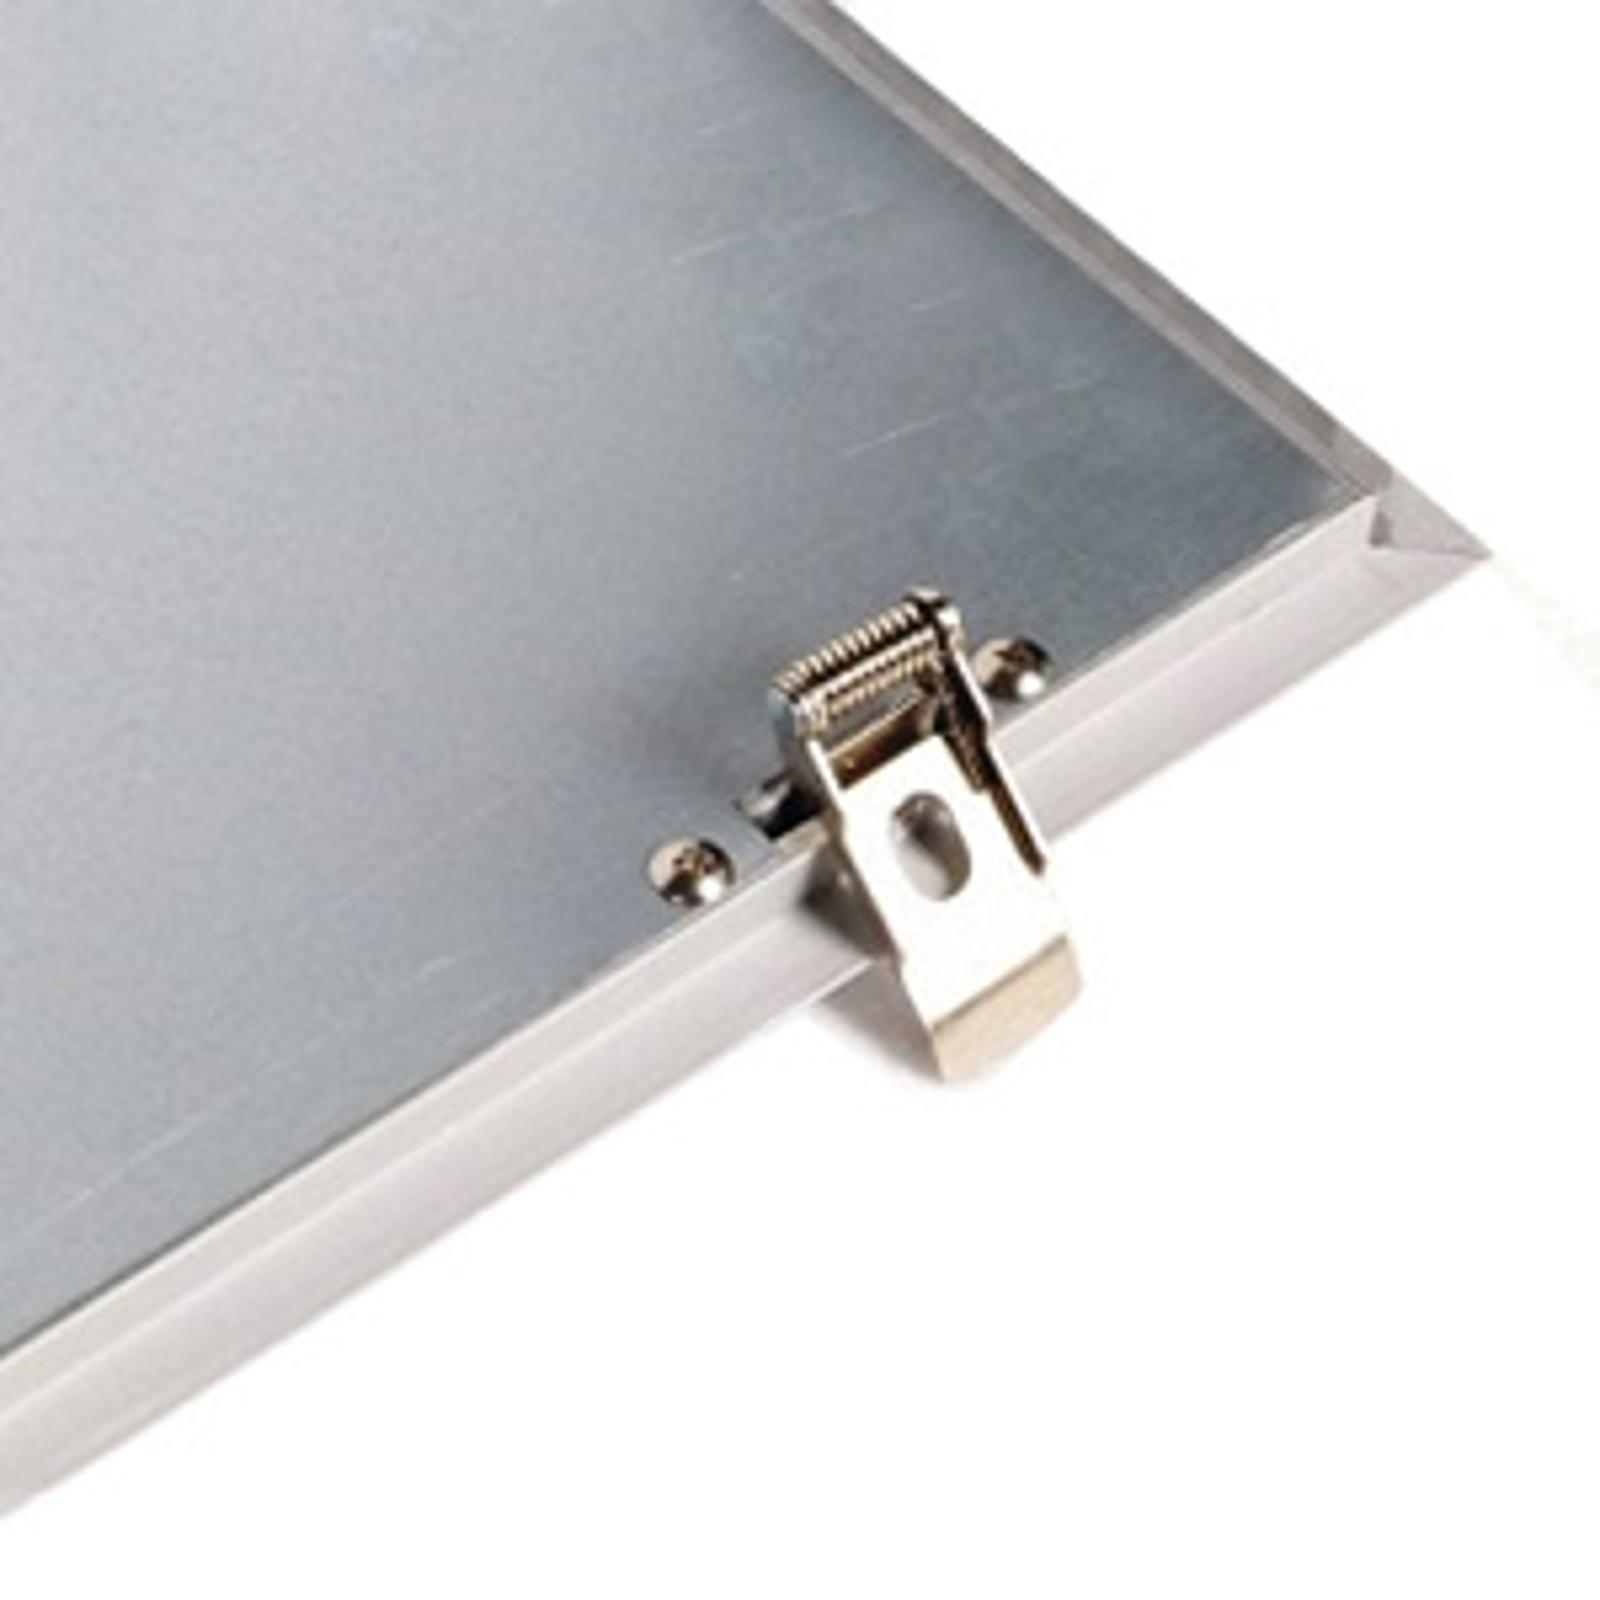 Kit di installazione per pannelli LED quadrati 325